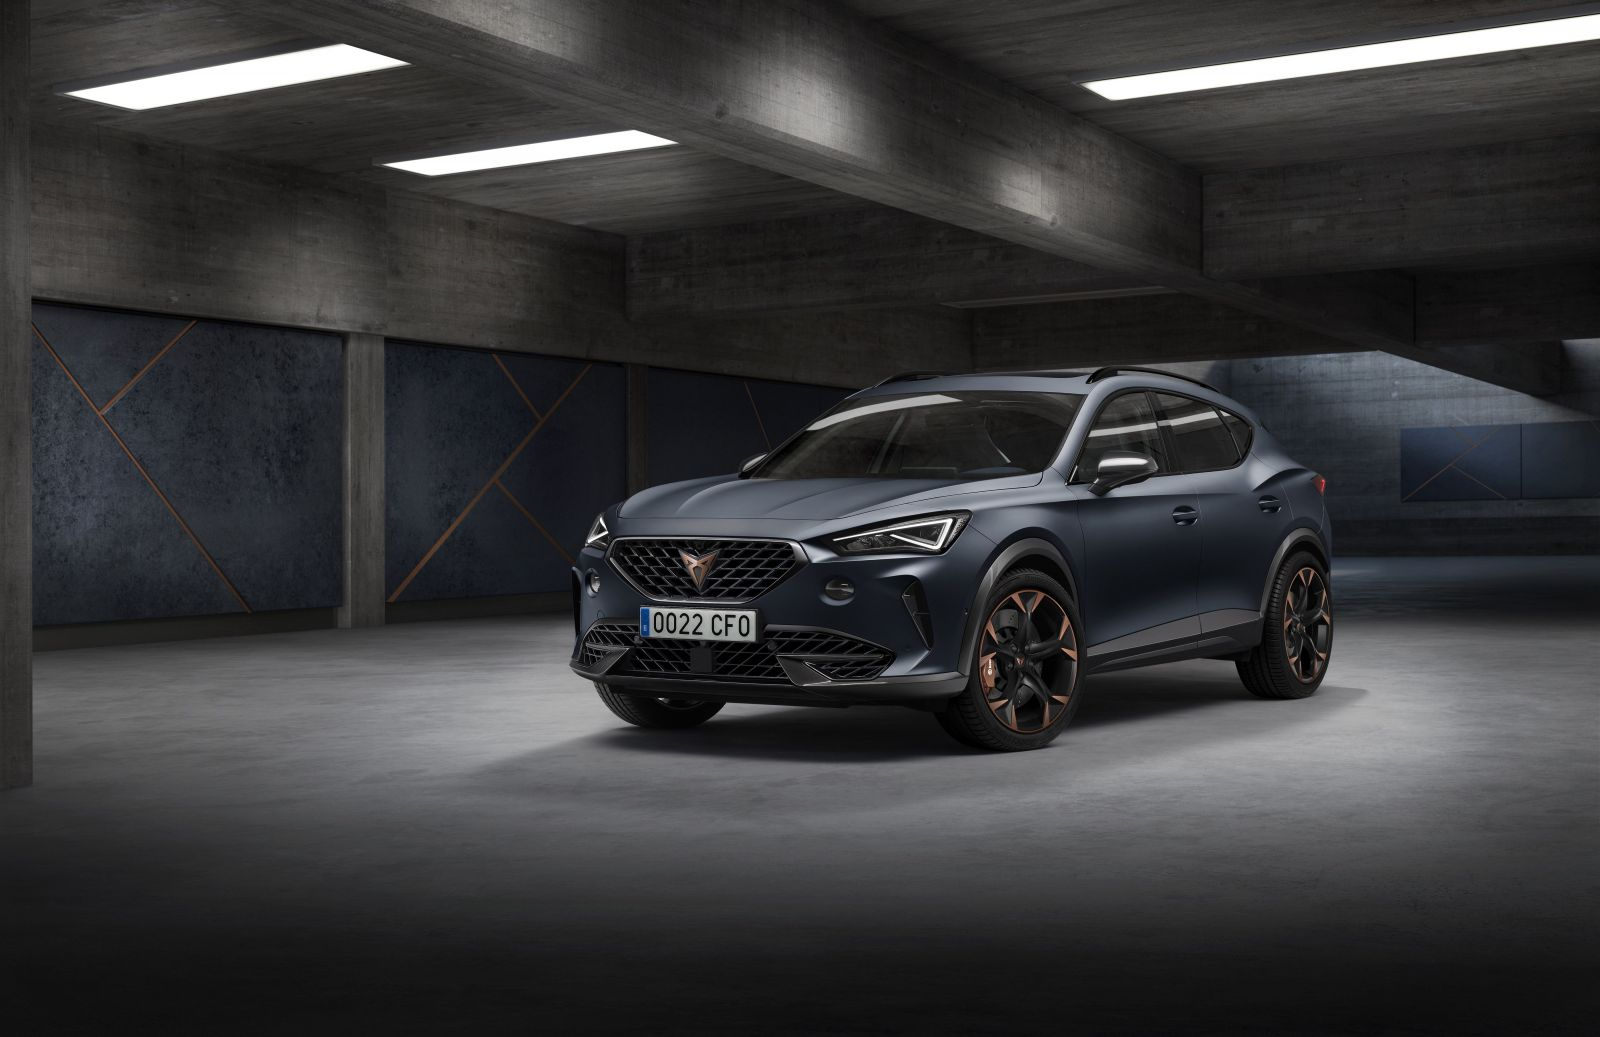 Formentor je prvý vlastný model značky Cupra. Môže mať hybridných 245 alebo benzínových 310 koní